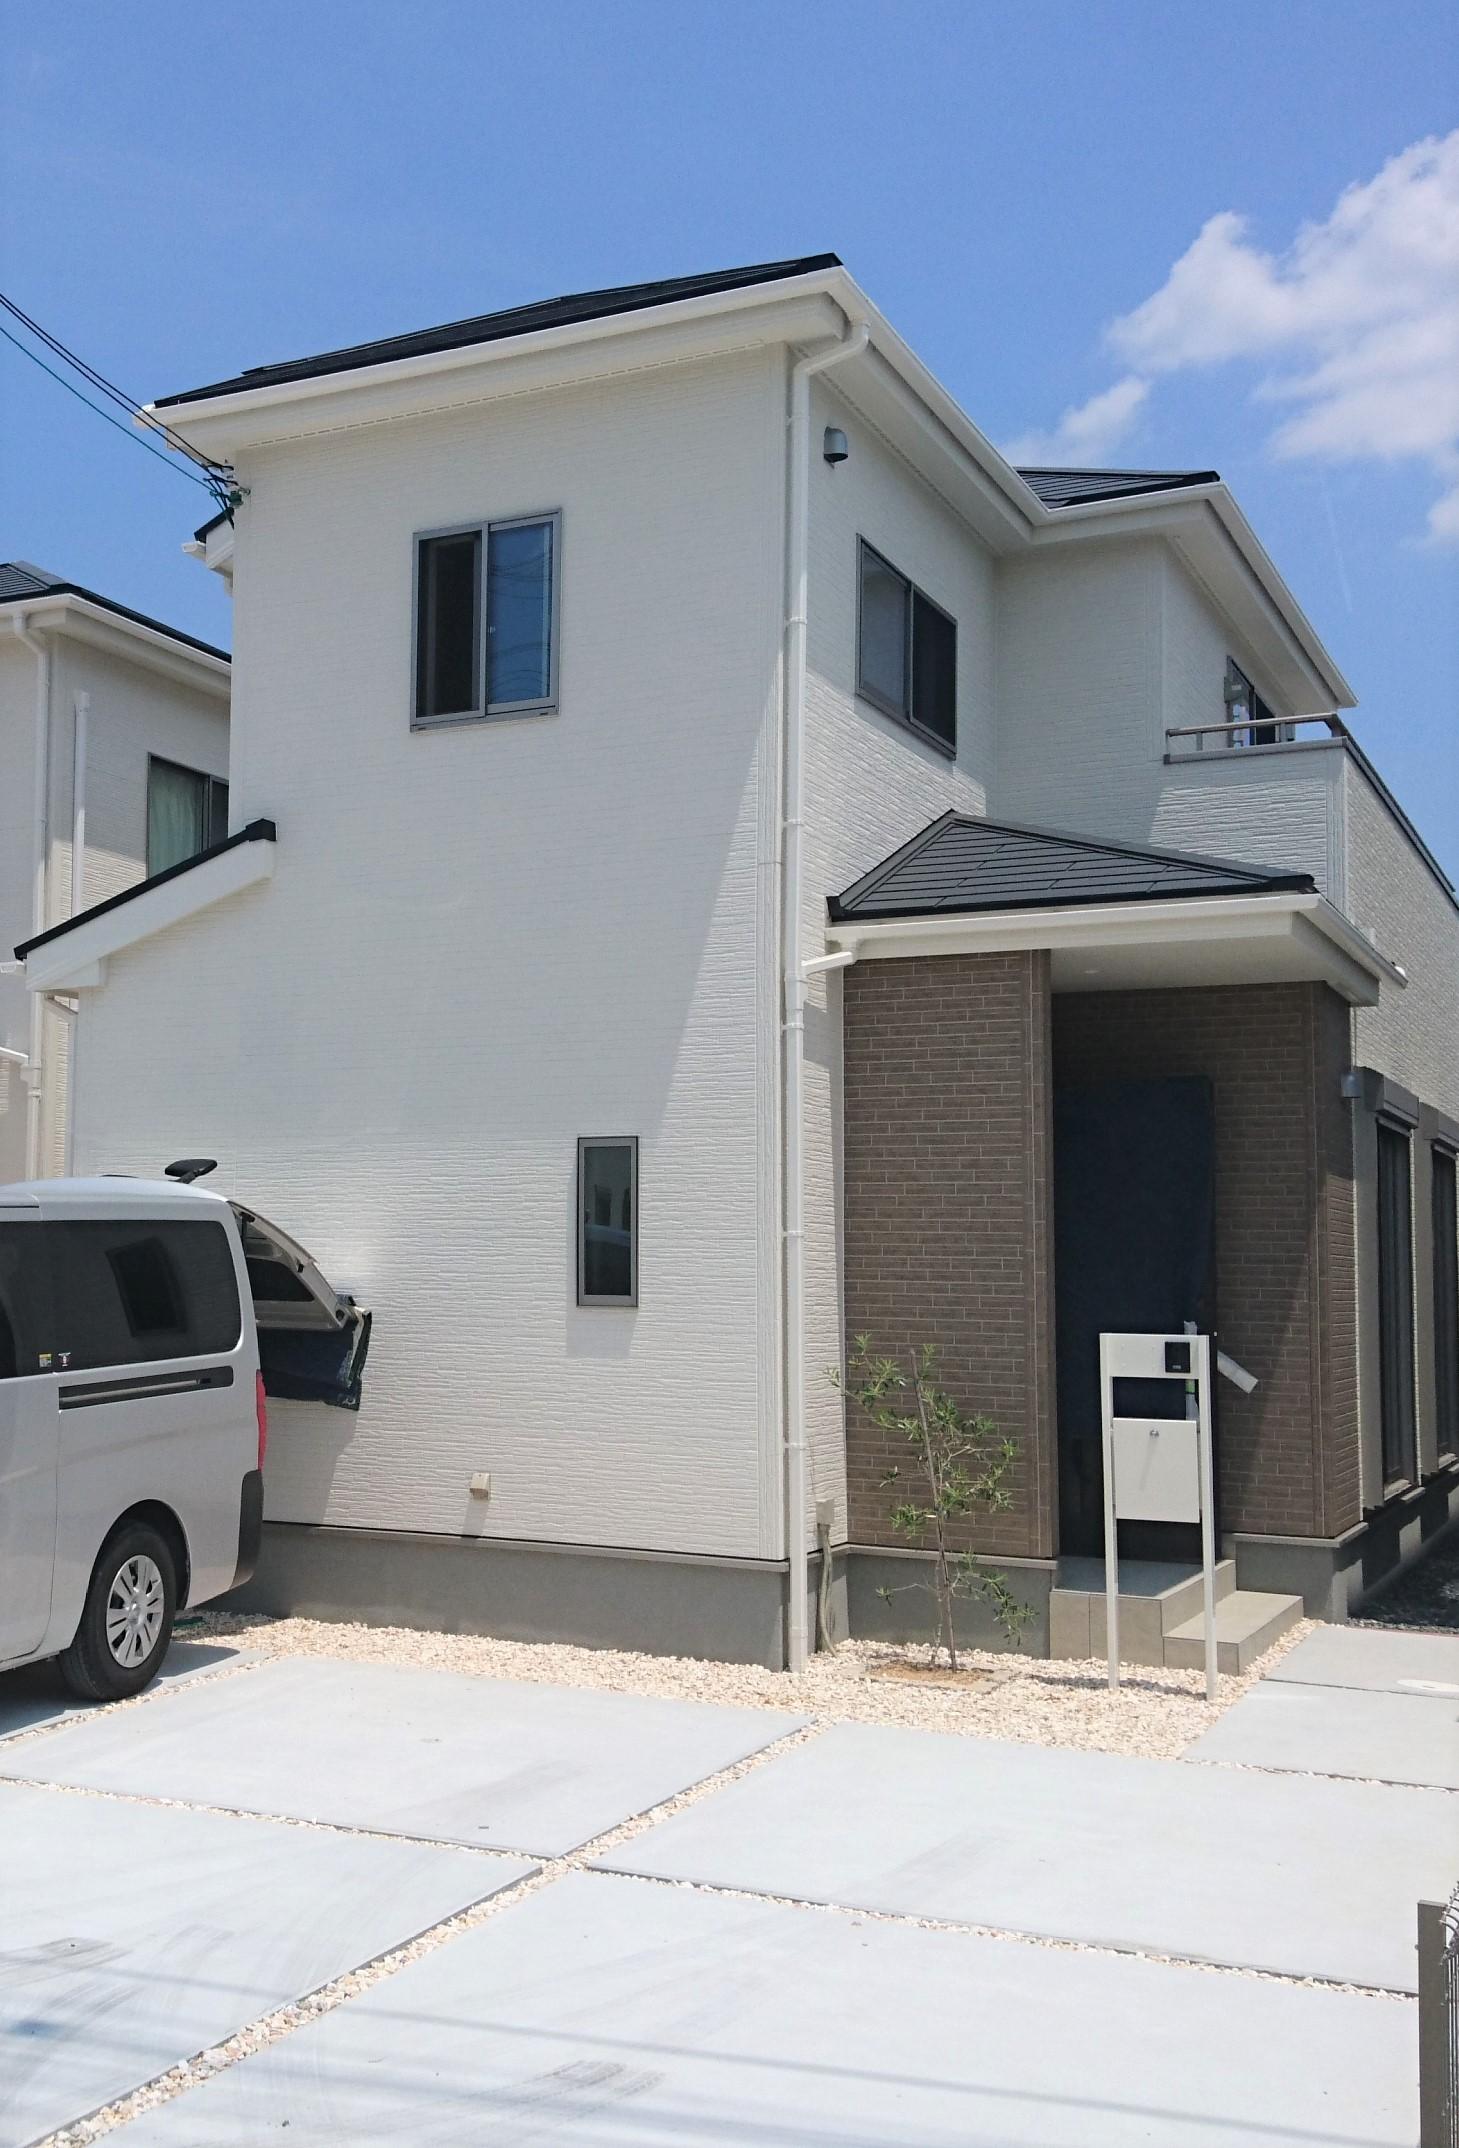 兵庫県で一建設の新築住宅へUVフロアコーティング